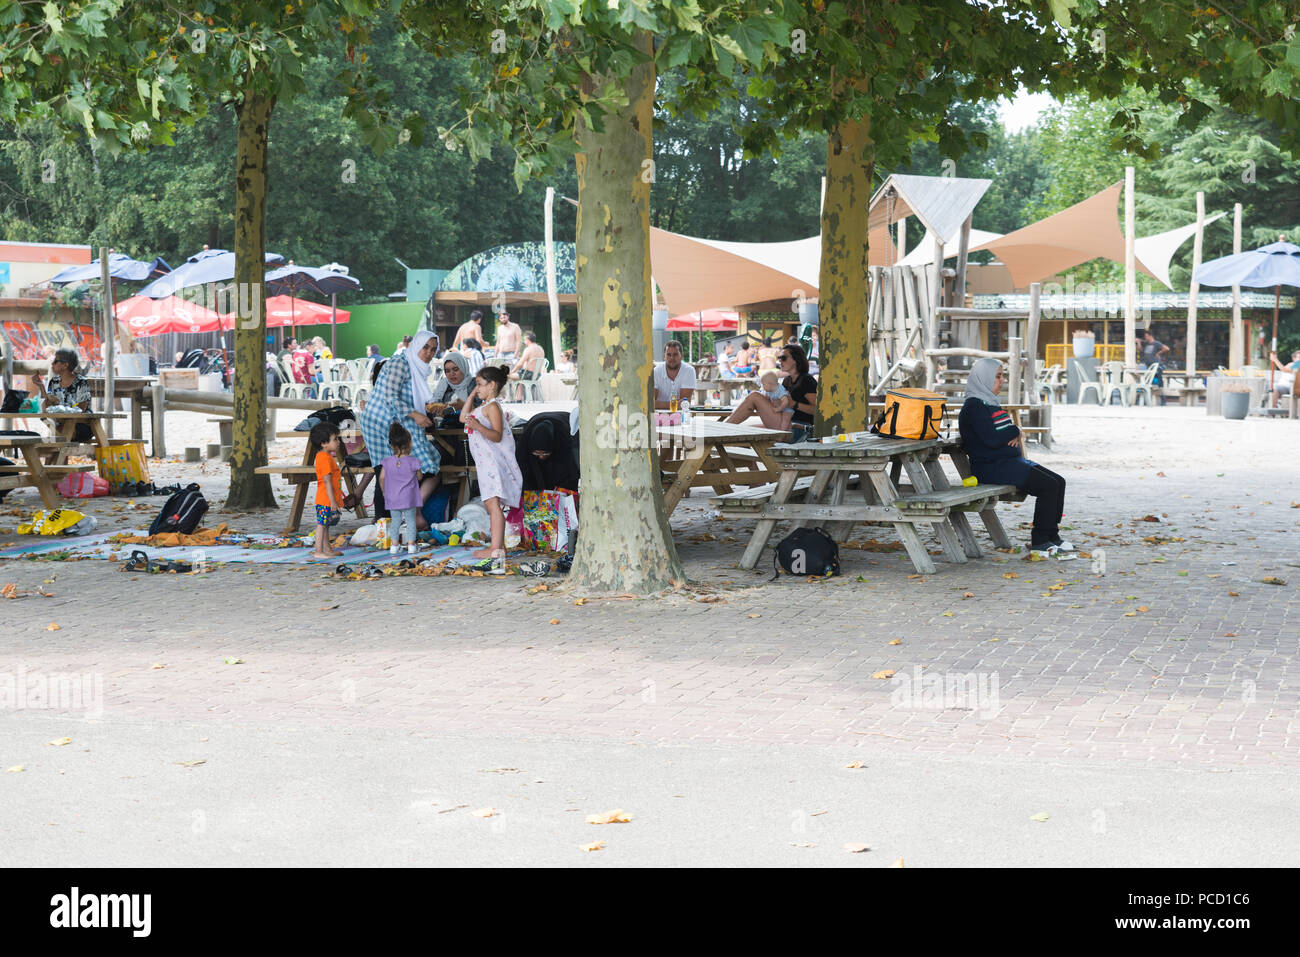 Hilvarenbeek, Niederlande, 28-07-2018: Menschen aus verschiedenen Kulturen einen Snack und ein Getränk auf der Terrasse des Vergnügungspark beek Bergen genießen, ist dies einer der größten Freizeitparks in Holland Stockbild